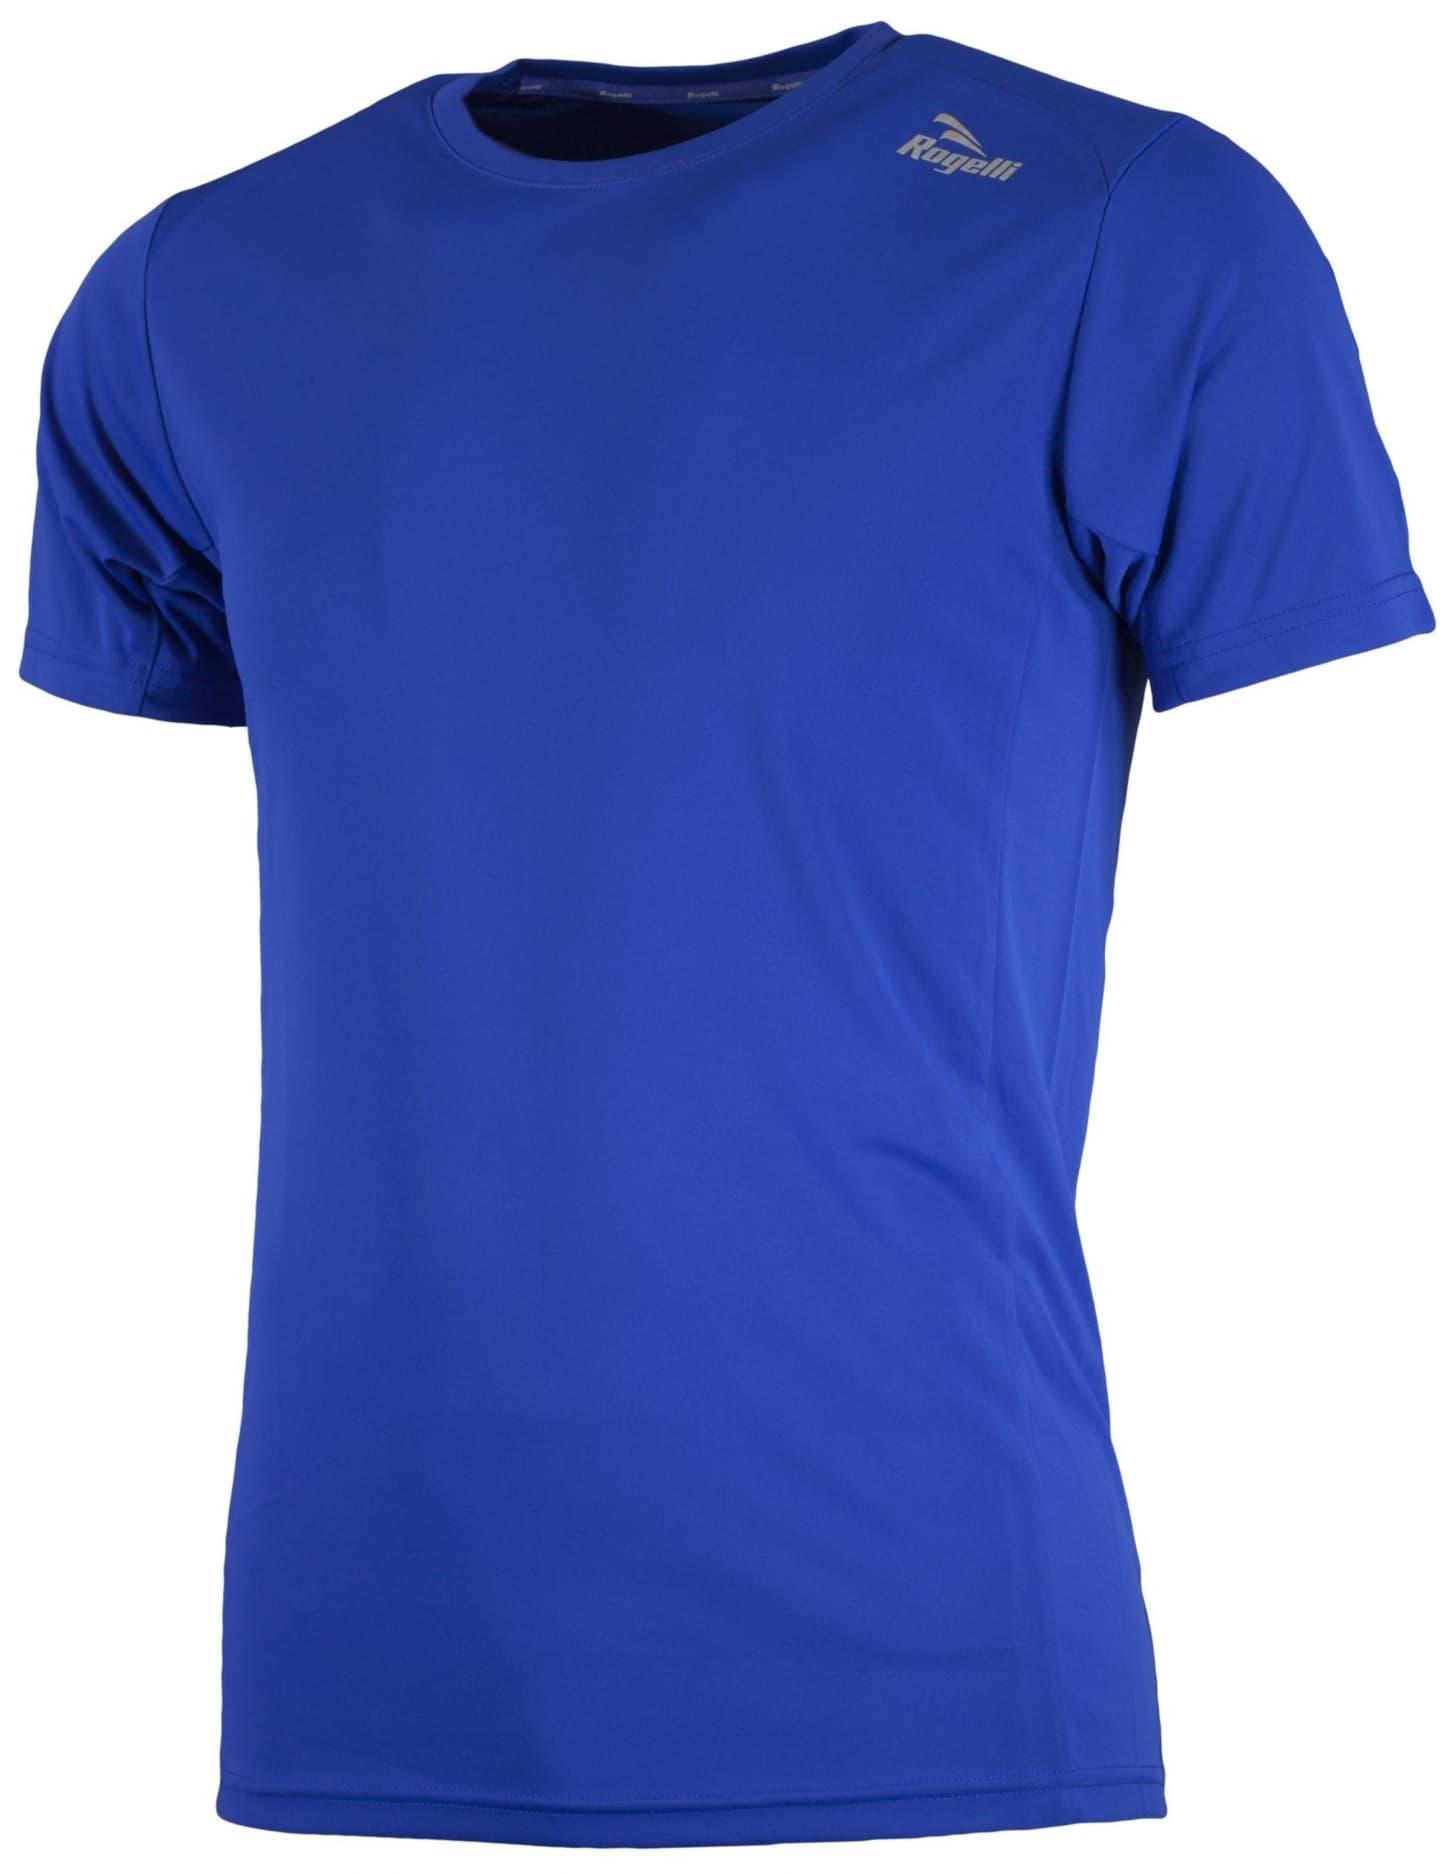 cce33d855 Športové funkčné tričko Rogelli BASIC z hladkého materiálu, modré ...